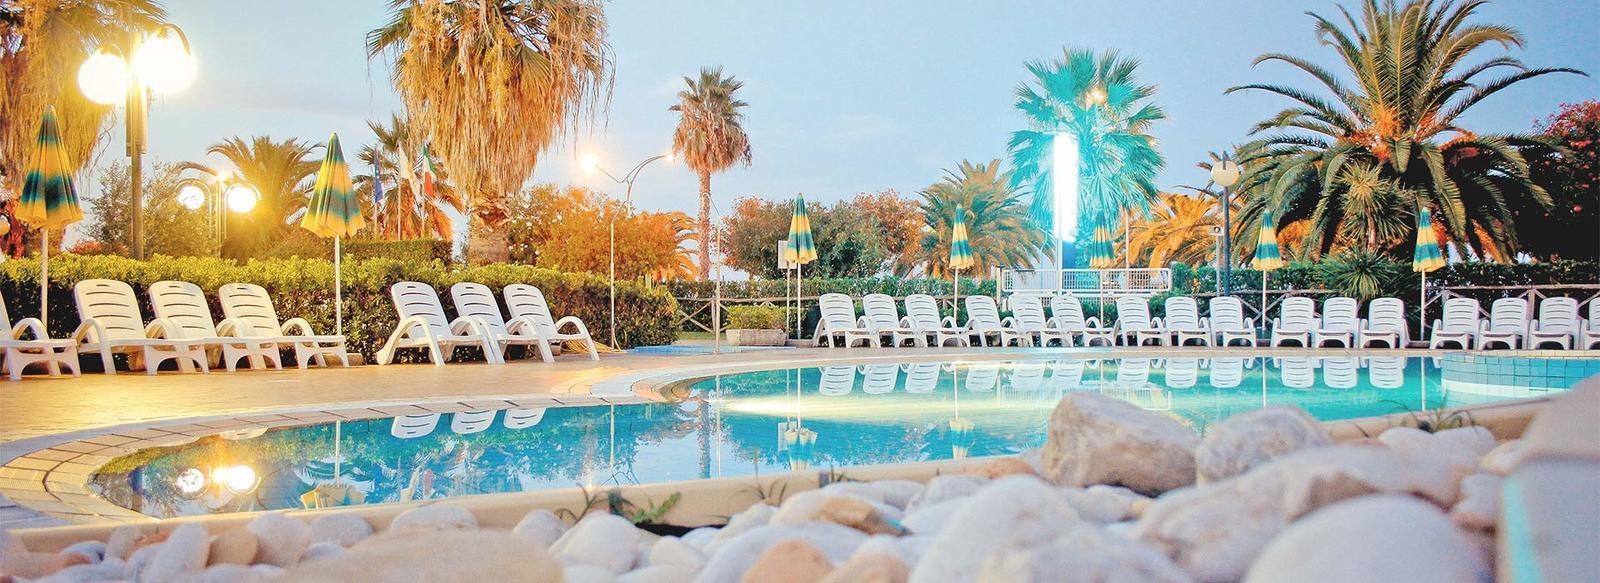 Miglior prezzo Resort Le Terrazze - Grottammare - Marche